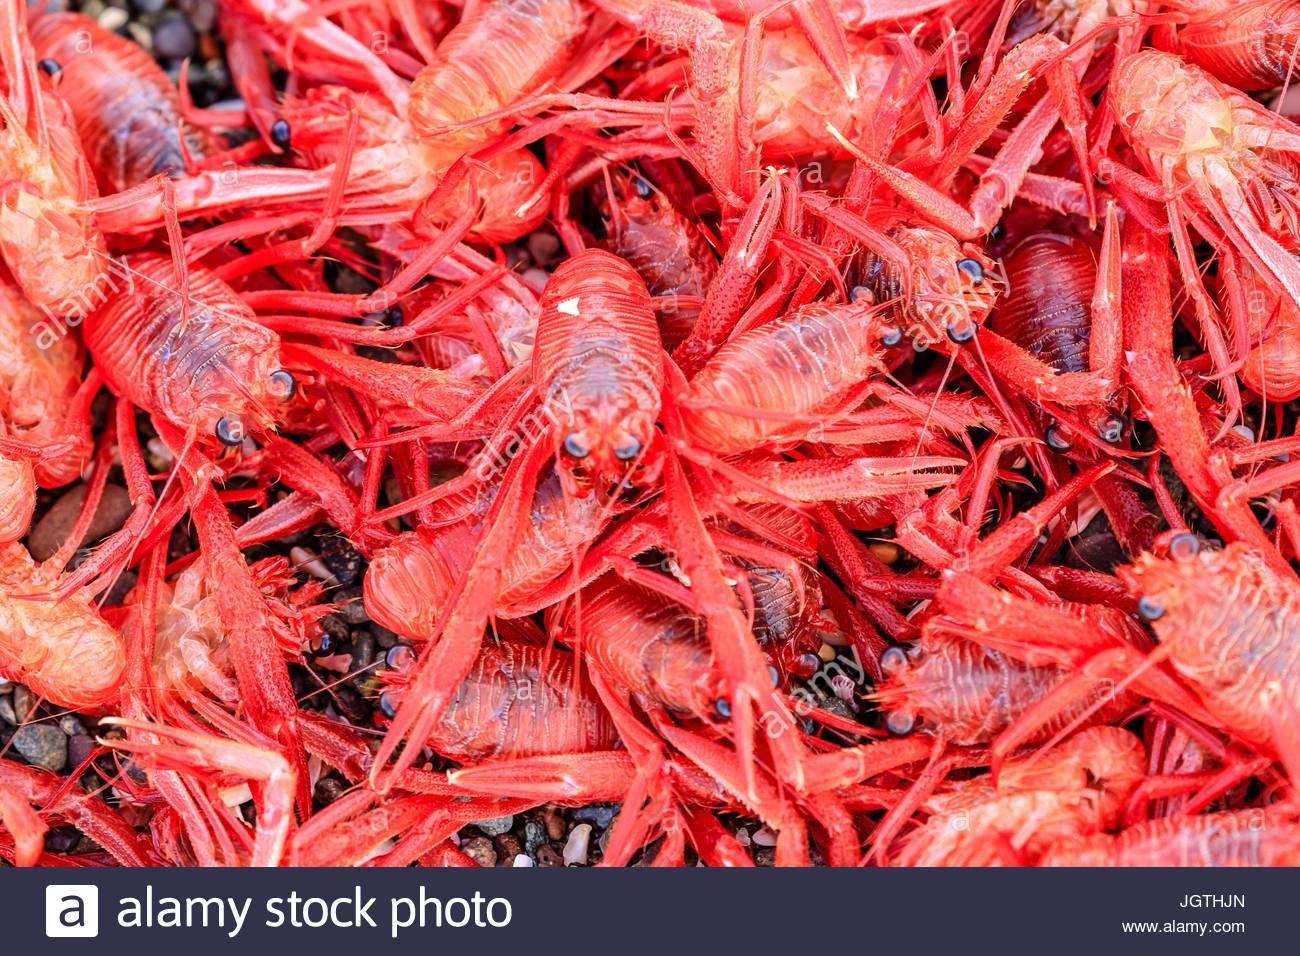 Eine Nahaufnahme von roten pelagischer Krebse. Stockbild